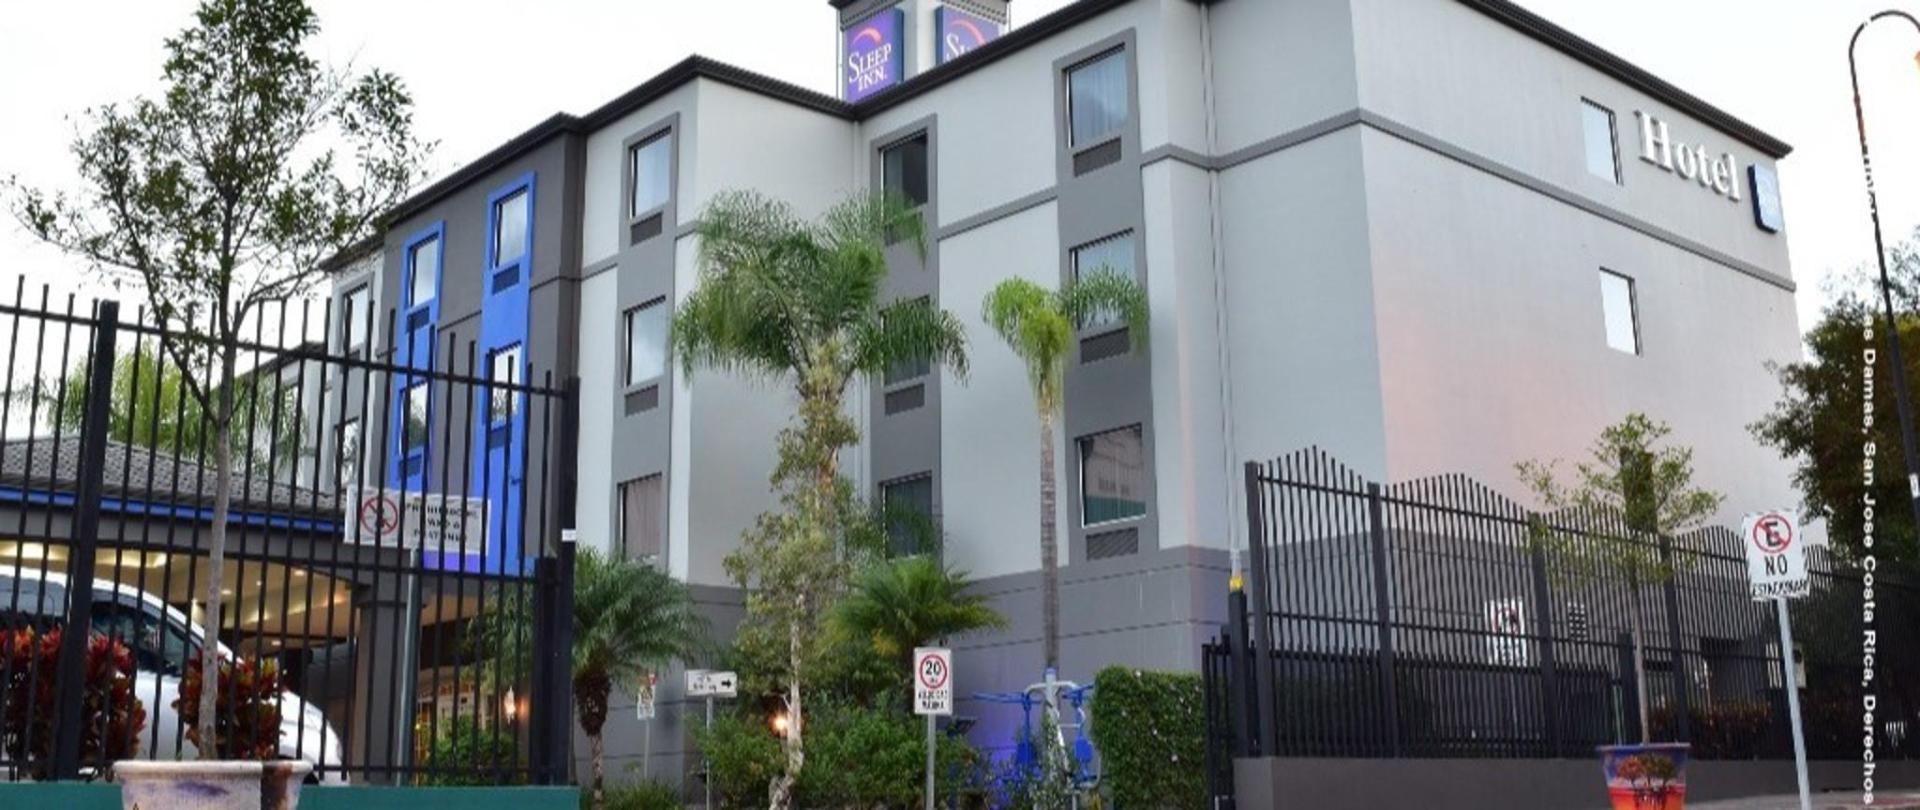 hotel-paseo-las-damas-fach08.jpg